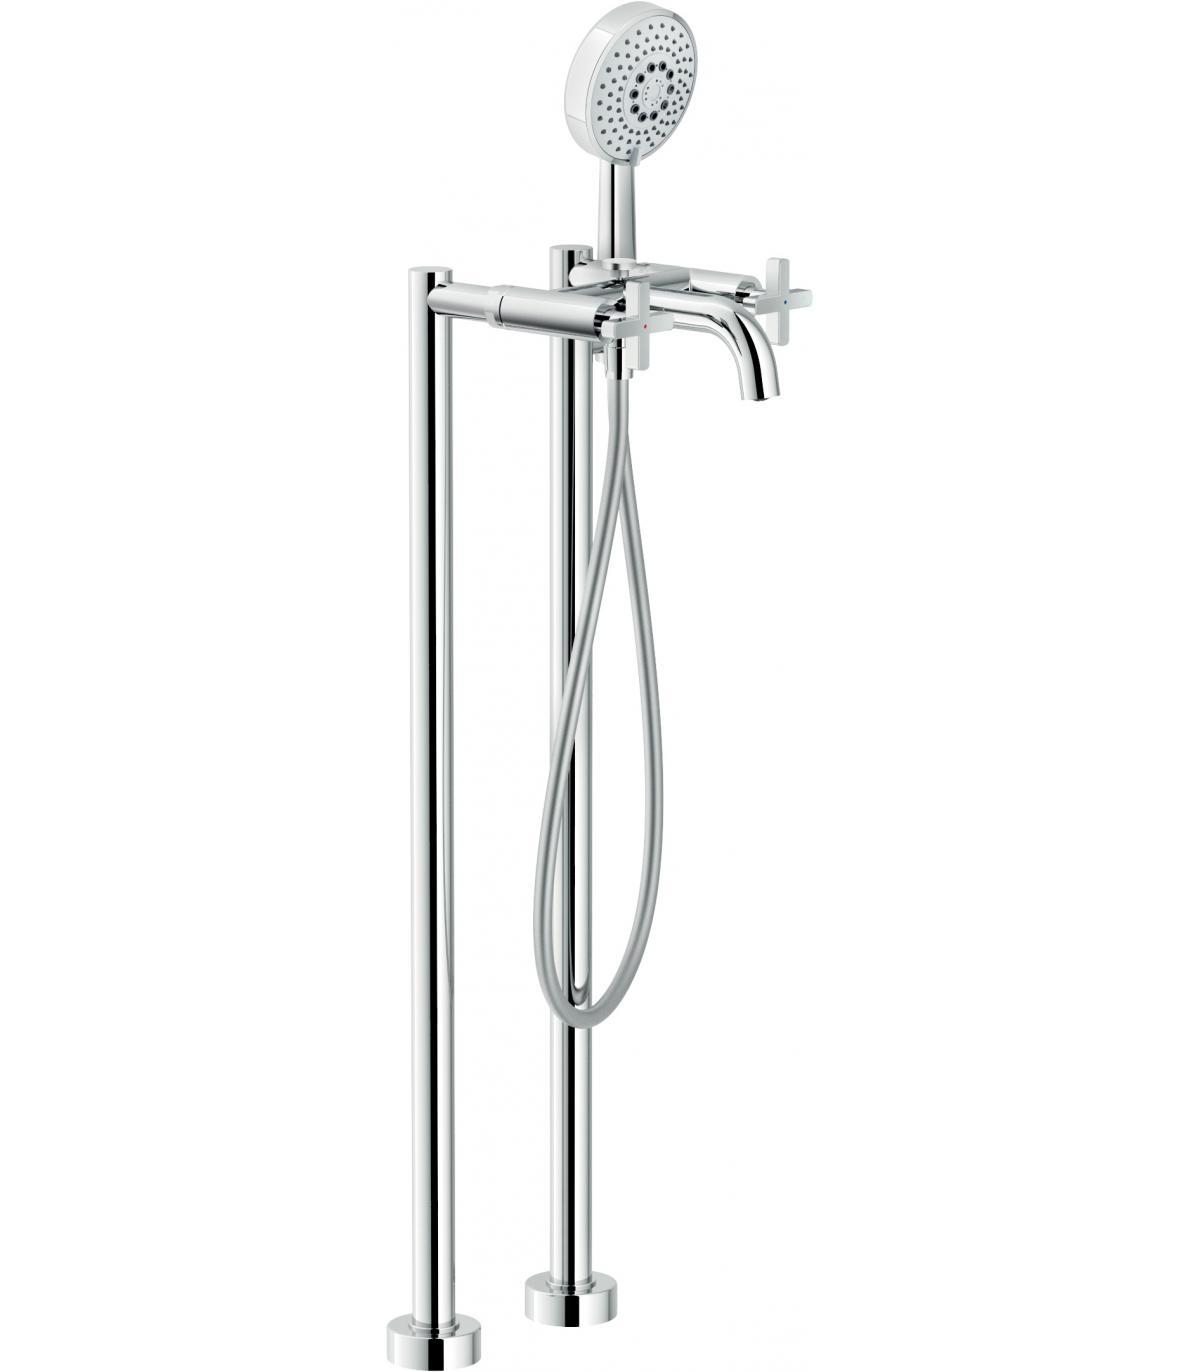 Box Doccia Dimensioni Standard.Dimensioni Piatto Doccia Ideal Standard